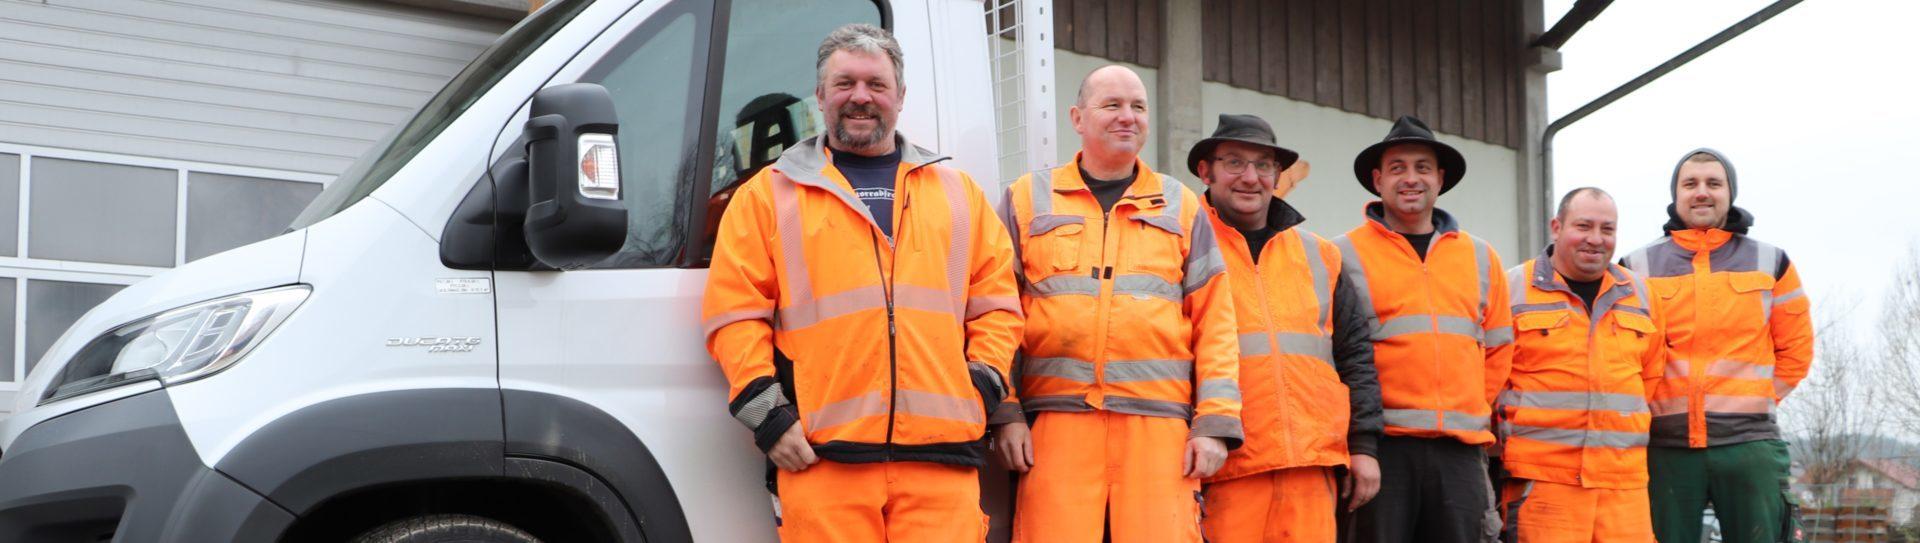 Das Bauhof-Mitarbeiterteam v.l. Bauhofleiter Thomas Denner, Arno Graf, Stefan Hartmann, Josef Kreuzer, Andreas Köstlmeier und Christian Kopp.